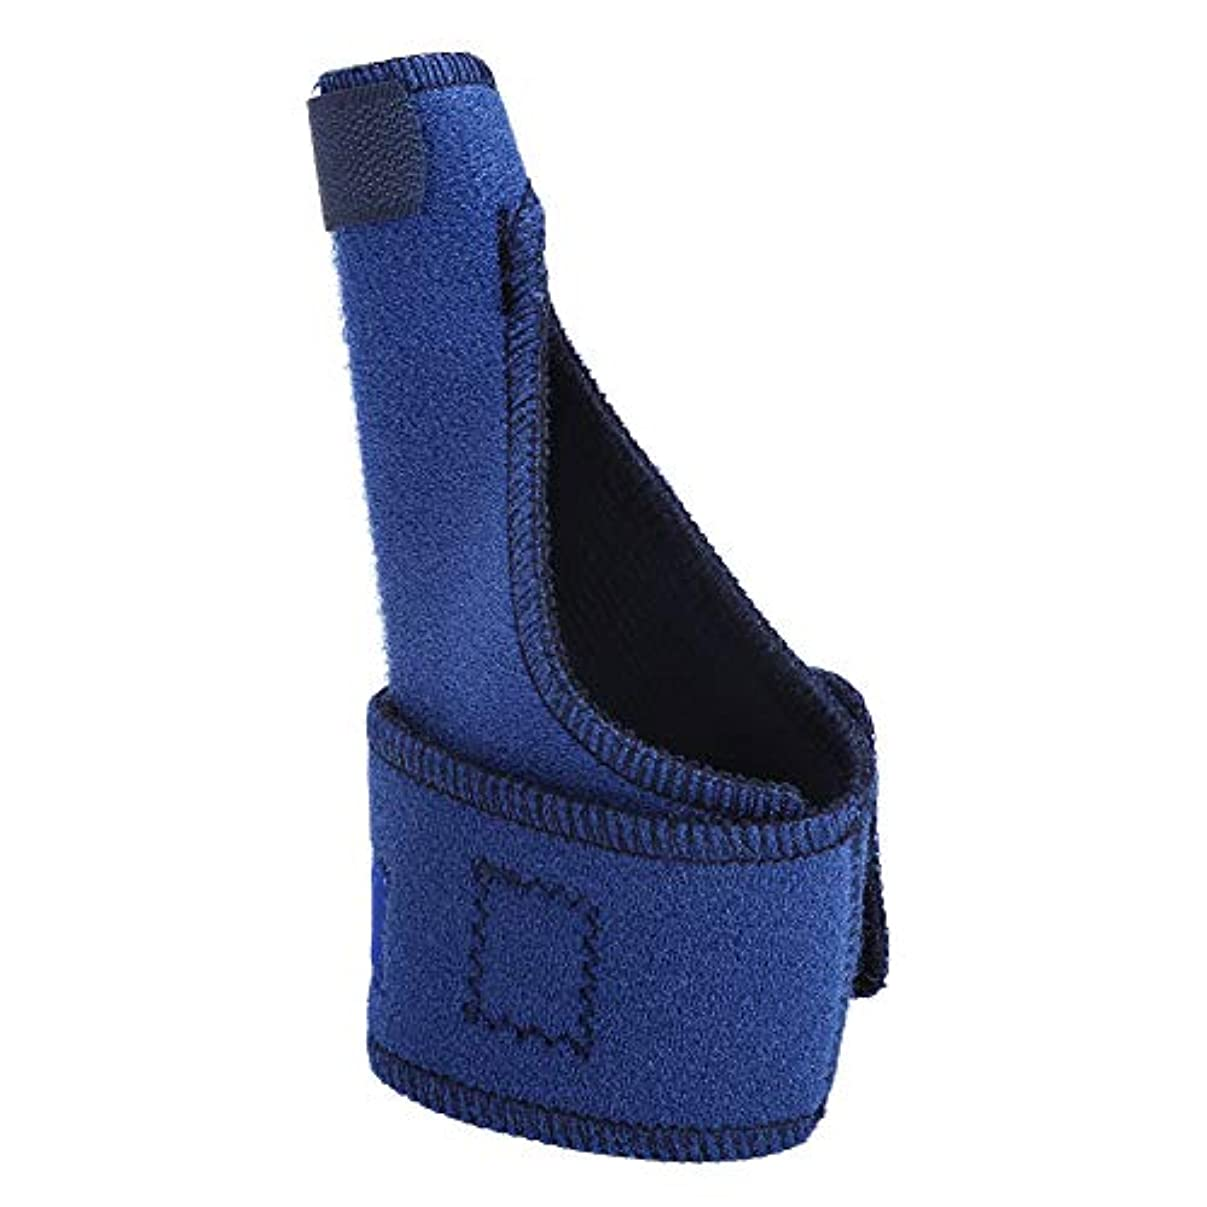 目指す放射能凶暴な親指アルミニウム副木ブレース、関節炎や軟組織の傷害ツール、右手と左手の使用を支援